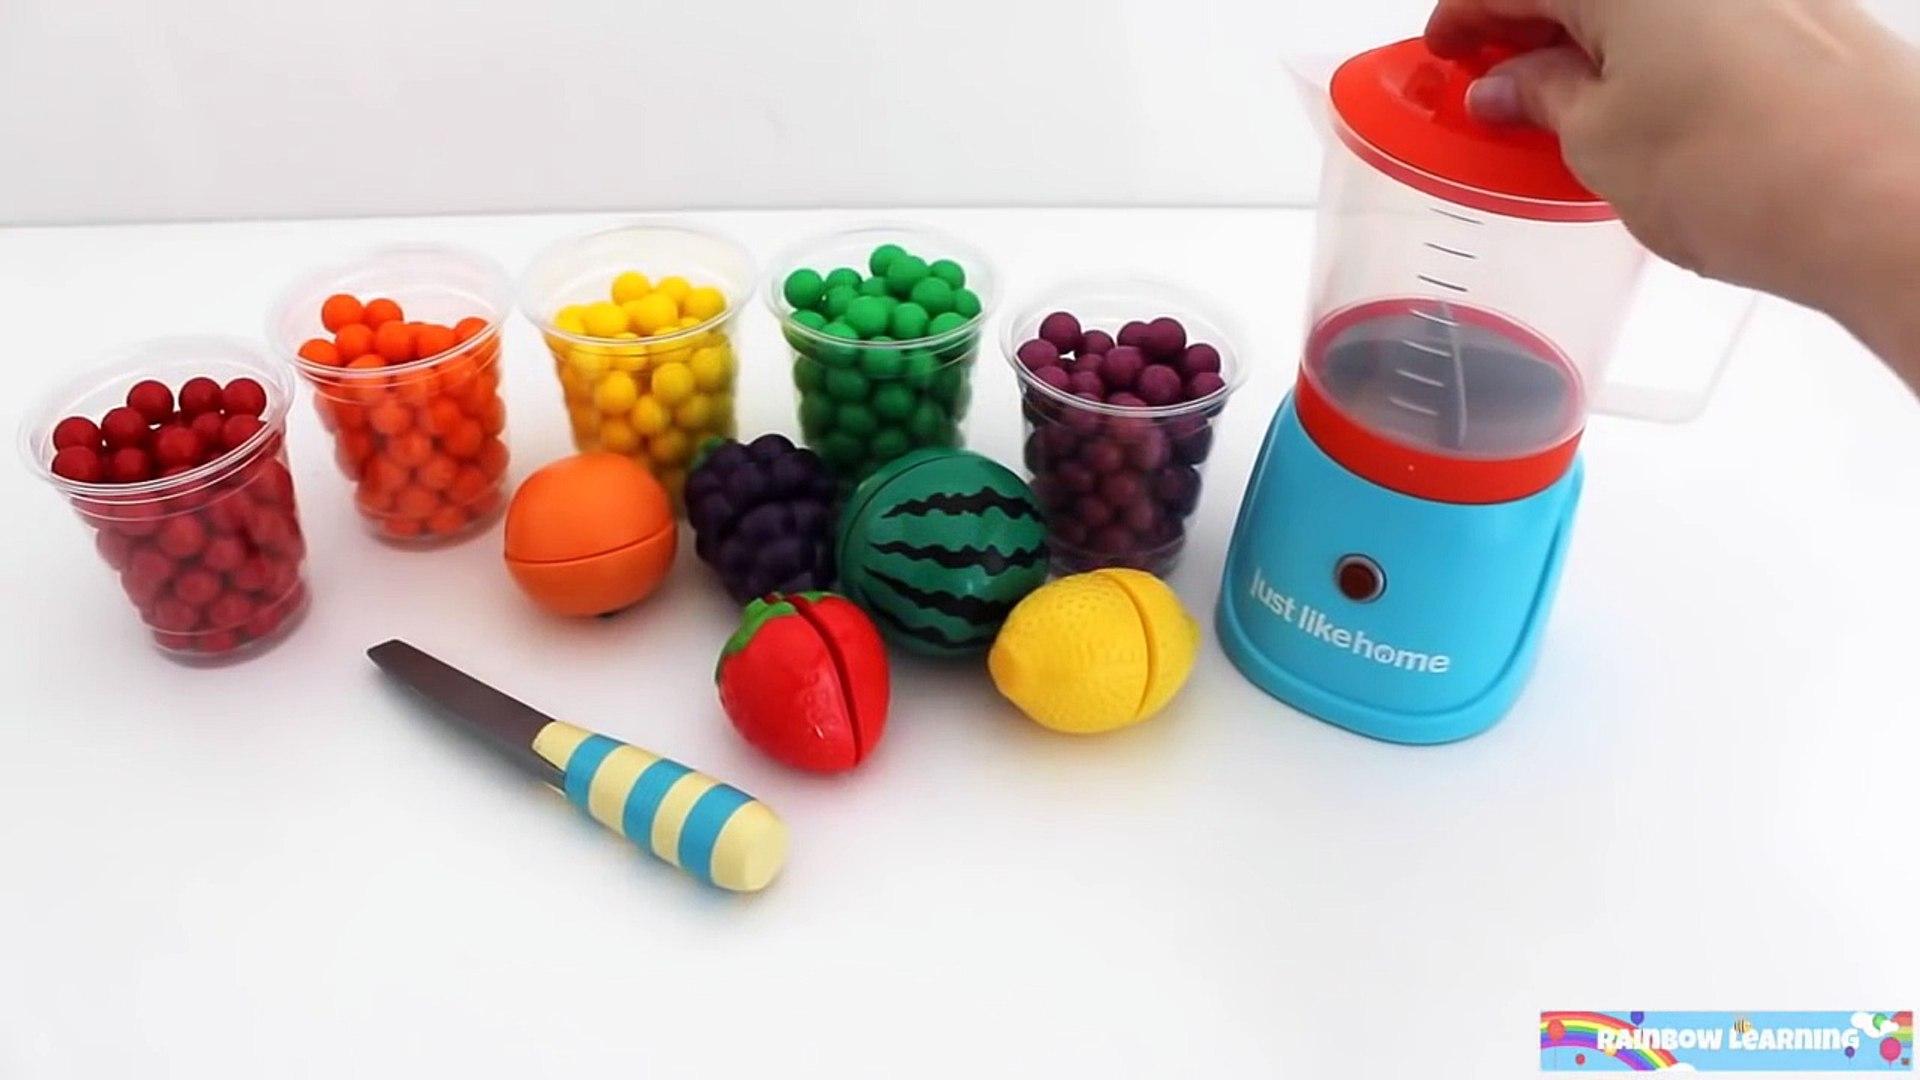 Игрушка Микроволновая печь Pez Candy Play Doh Узнать фрукты и овощи с липучкой игрушки для детей